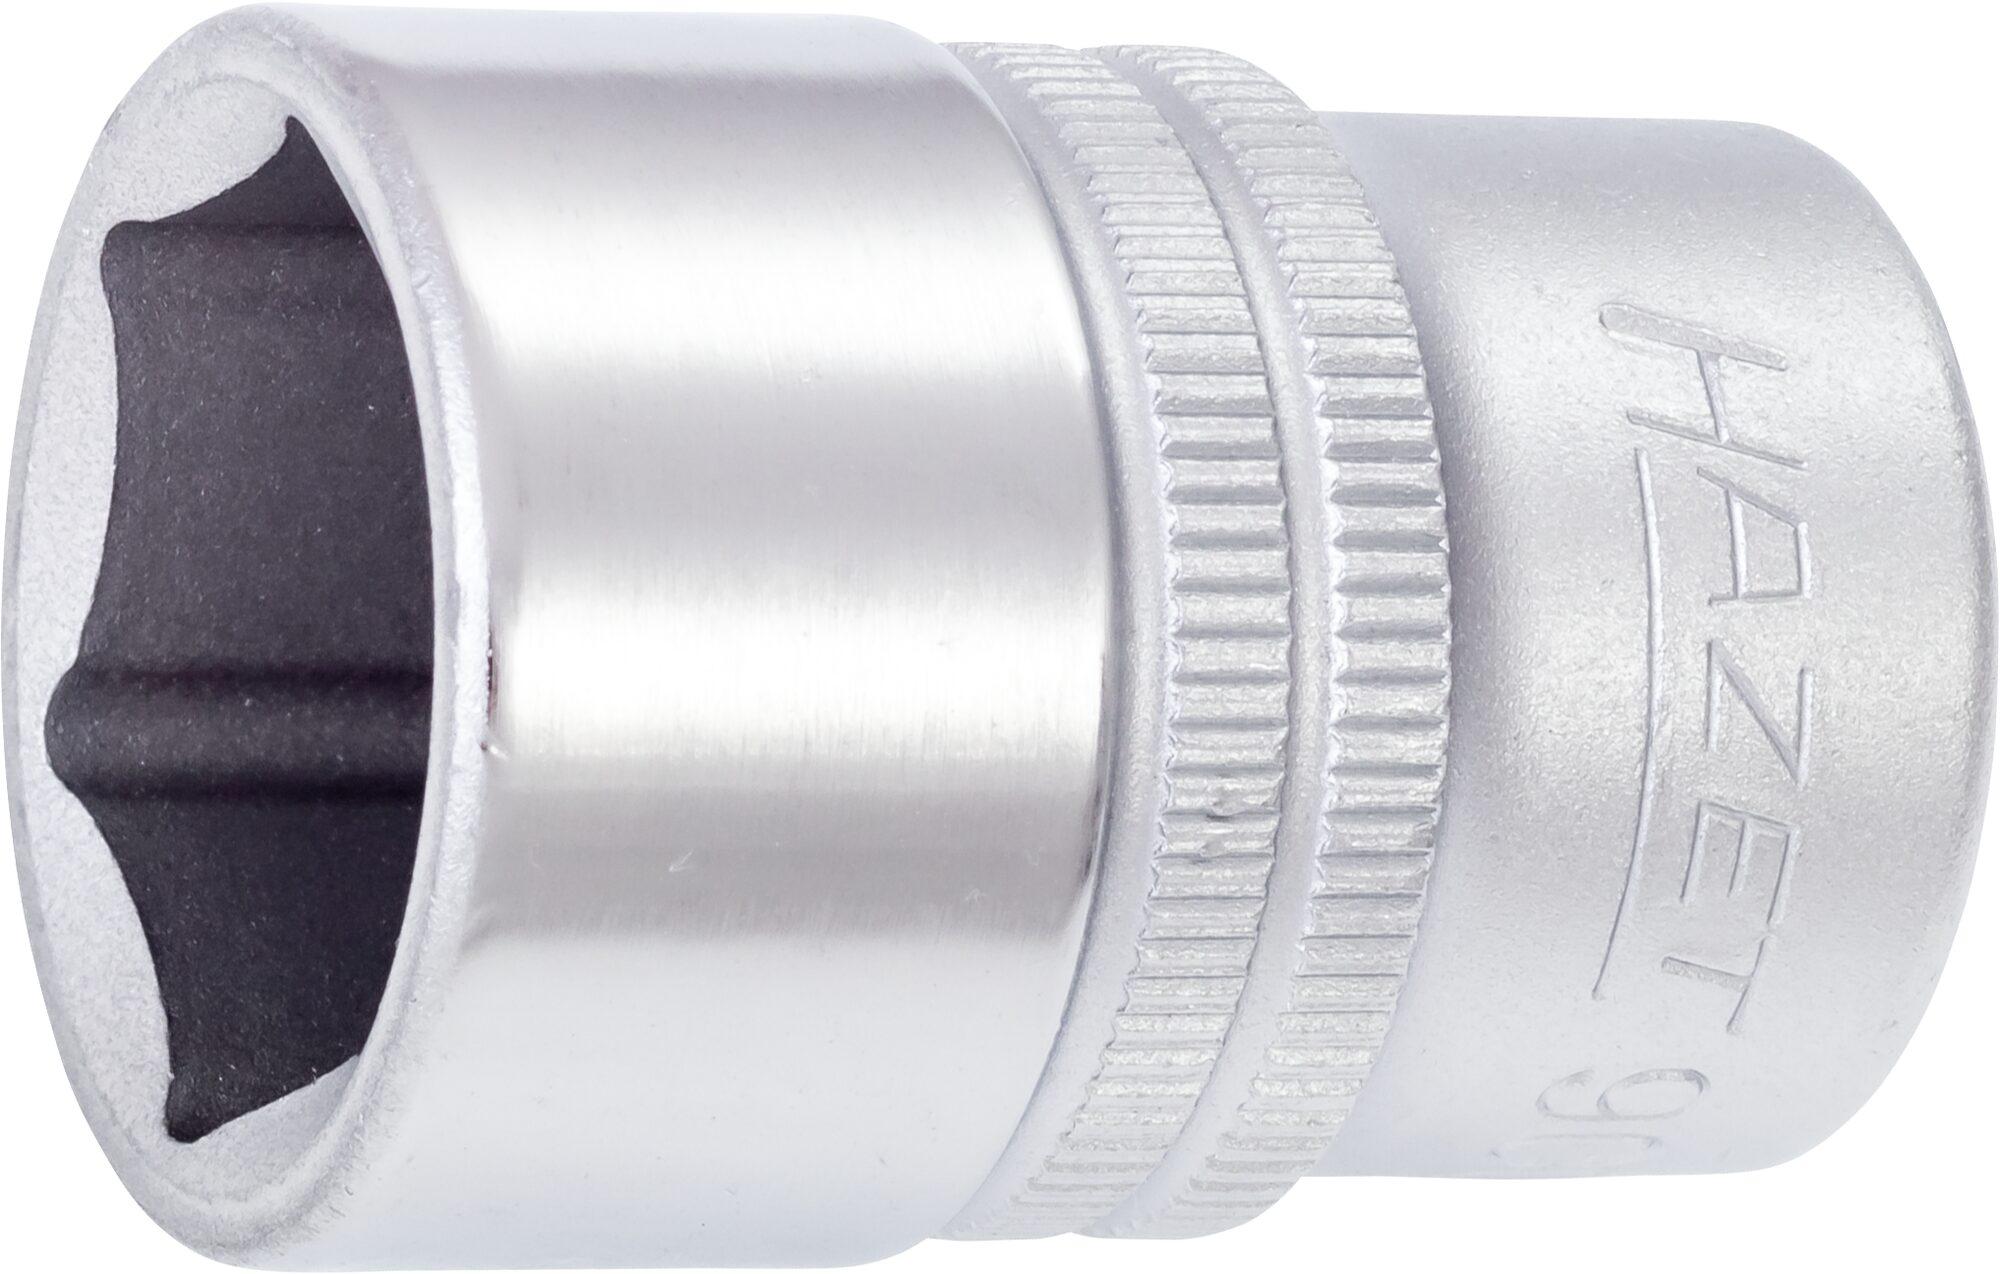 HAZET Steckschlüsseleinsatz ∙ Sechskant 900-14 ∙ Vierkant hohl 12,5 mm (1/2 Zoll) ∙ Außen-Sechskant-Tractionsprofil